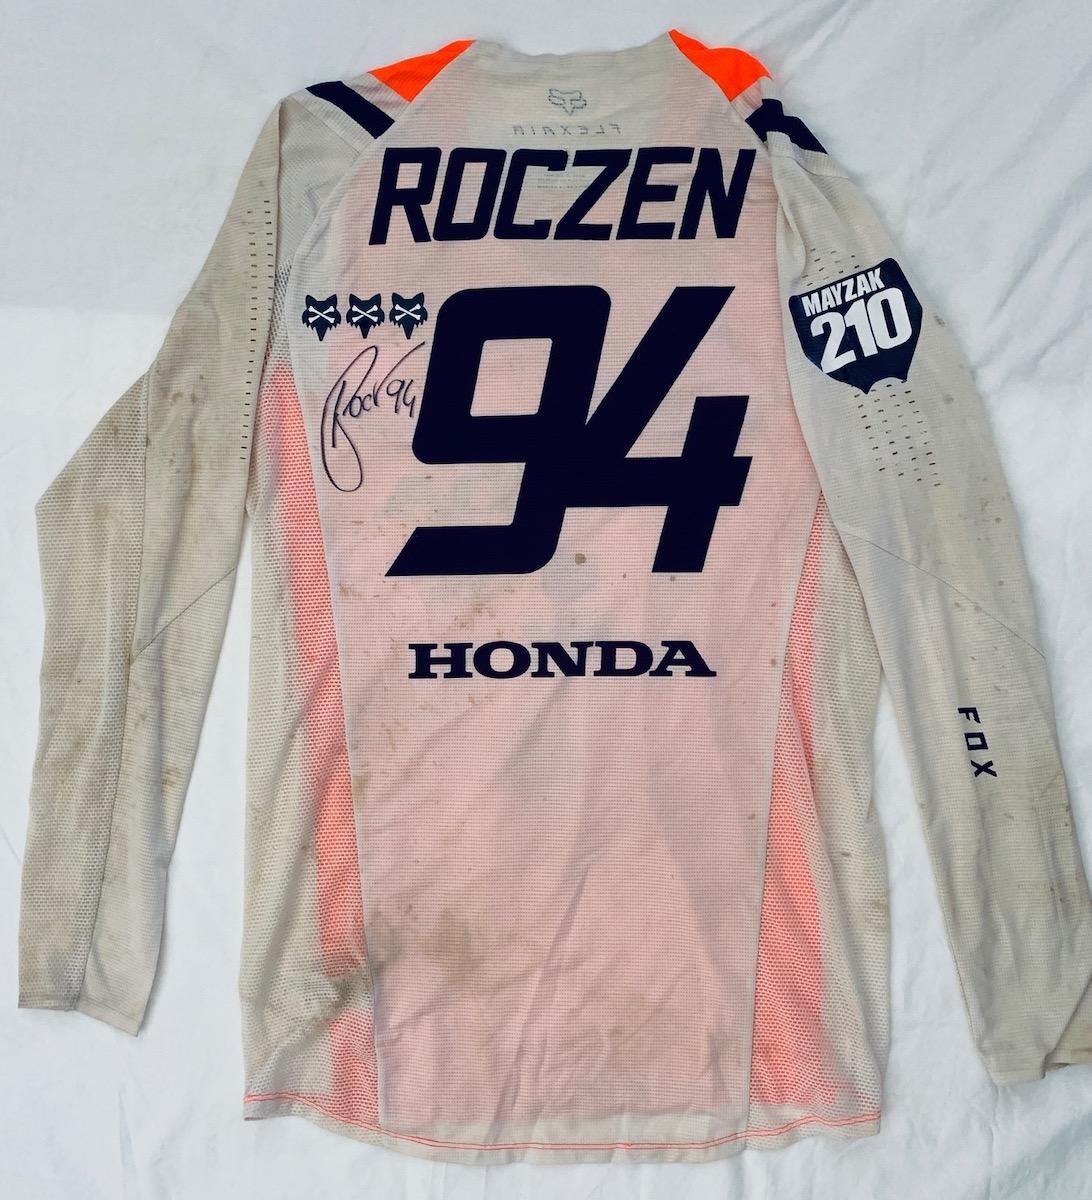 Roczen race jersey